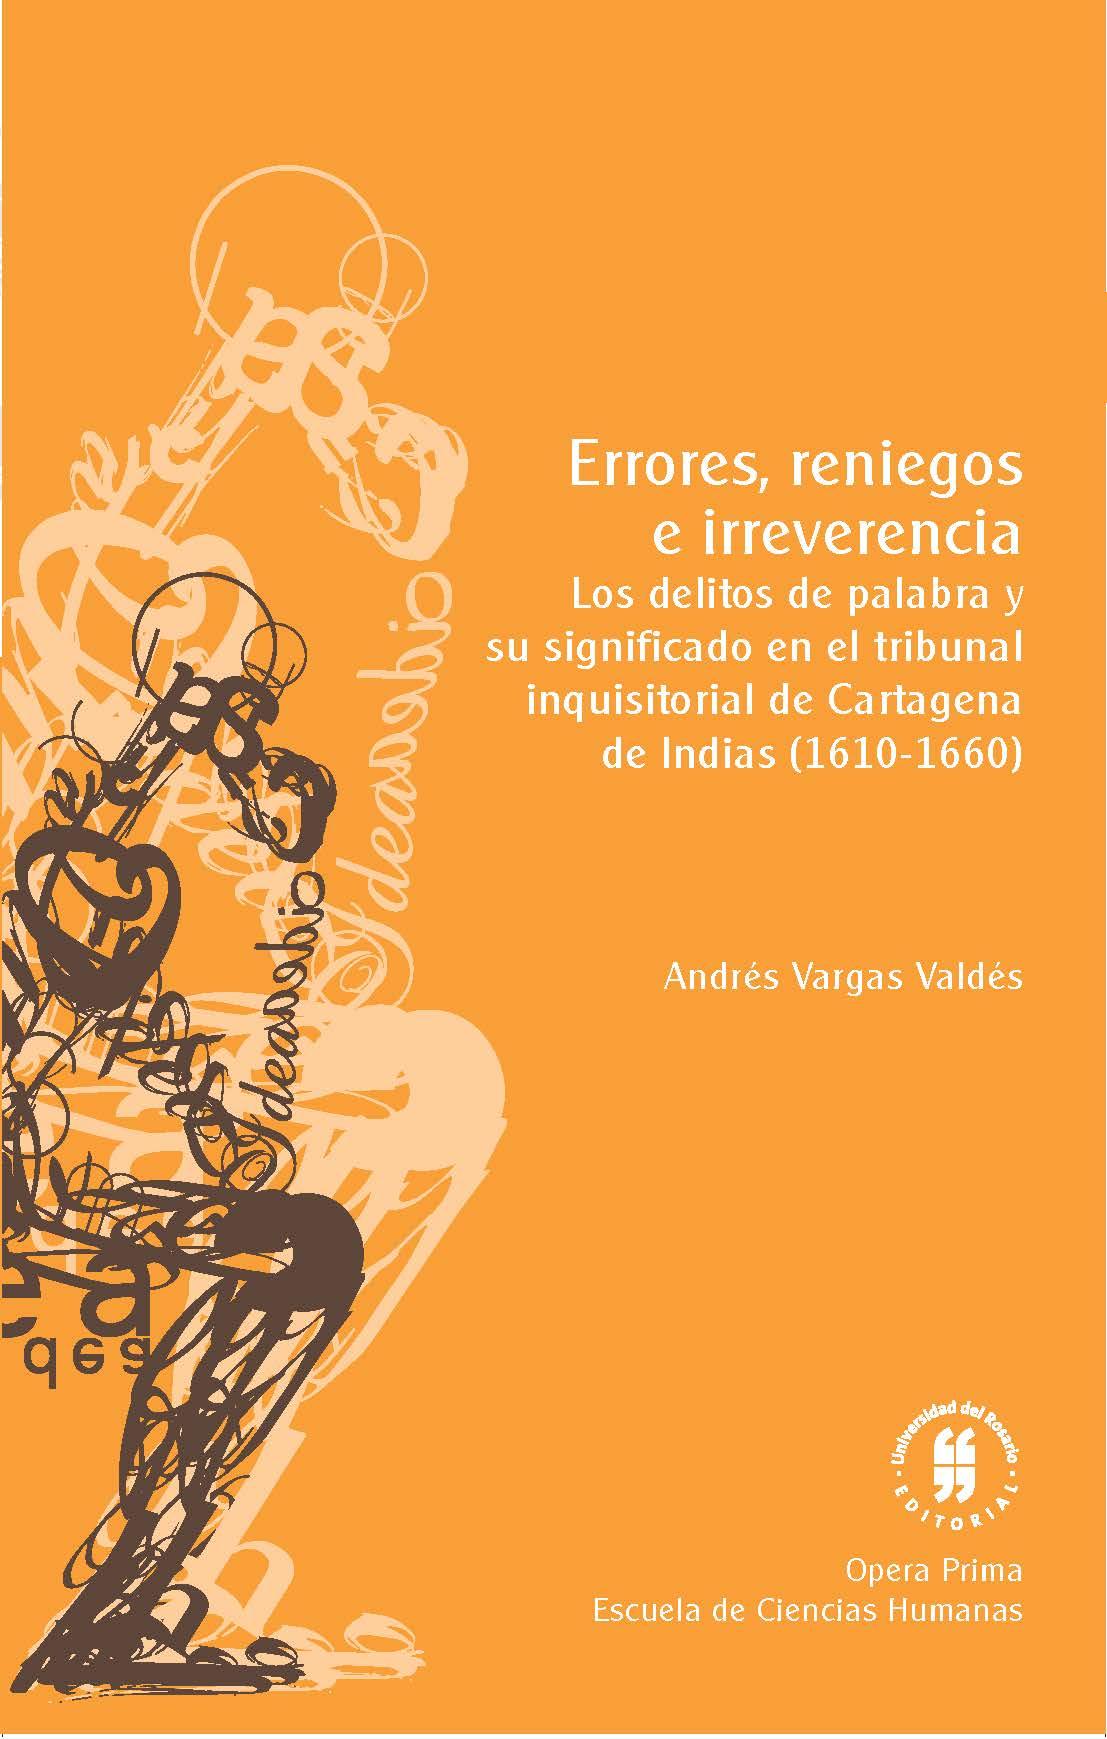 Errores, reniegos e irreverencia. Los delitos de palabra y su significado en el tribunal inquisitorial de Cartagena de Indias, 1610-1660